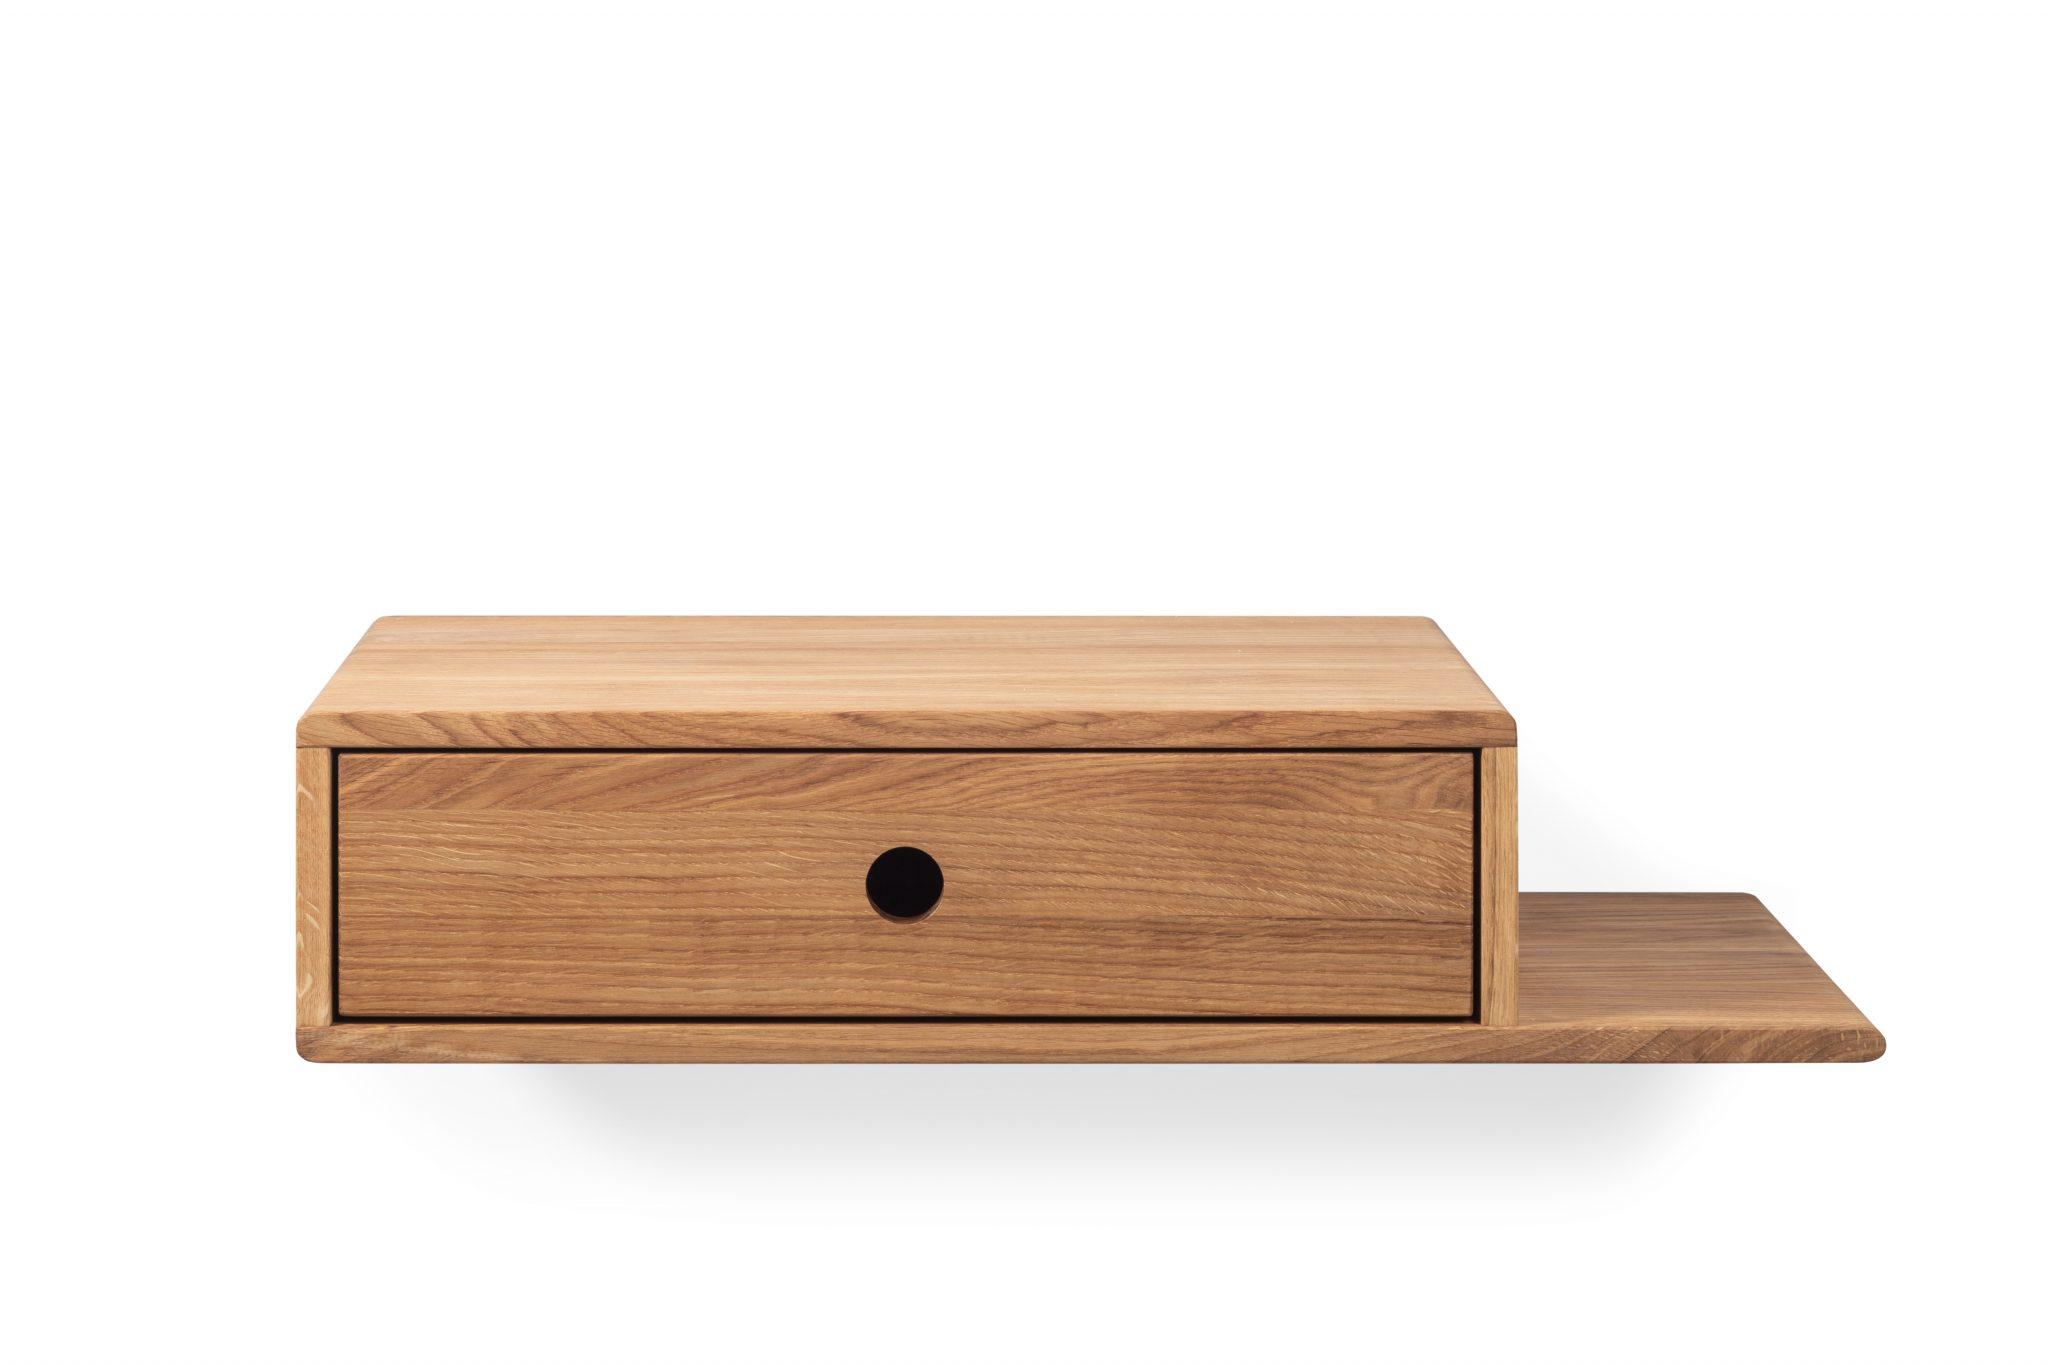 floating nightstand, kelluva yöpöytä, wooden nightstand, nightstand, oak nightstand, nightstand with shelf